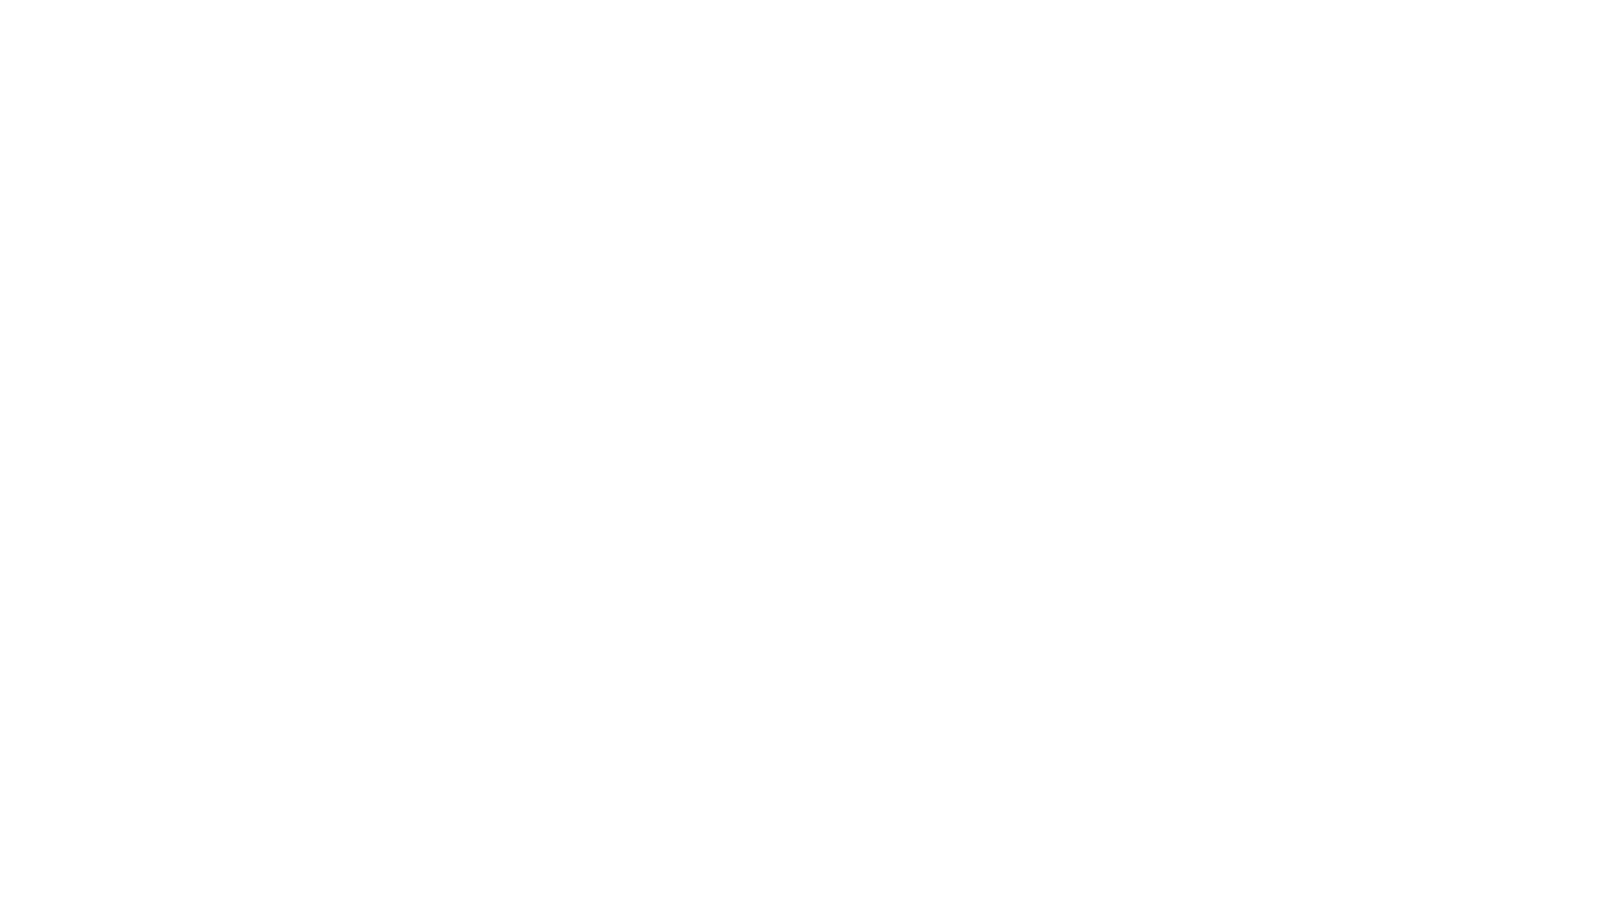 """Лётчик-космонавт Сергей Рязанский и редактор журнала """"Восток"""" Руслан Титов провели гашение памятного конверта """"С Новым Годом!"""""""